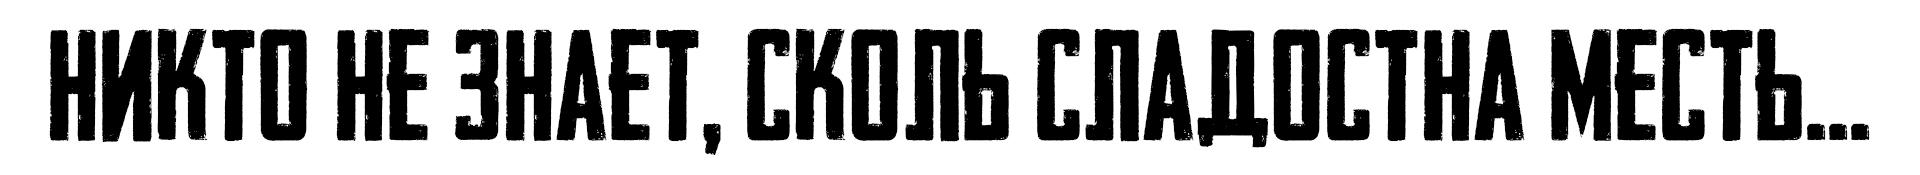 Философия мести   Ностальгический обзор игры Max Payne. - Изображение 4